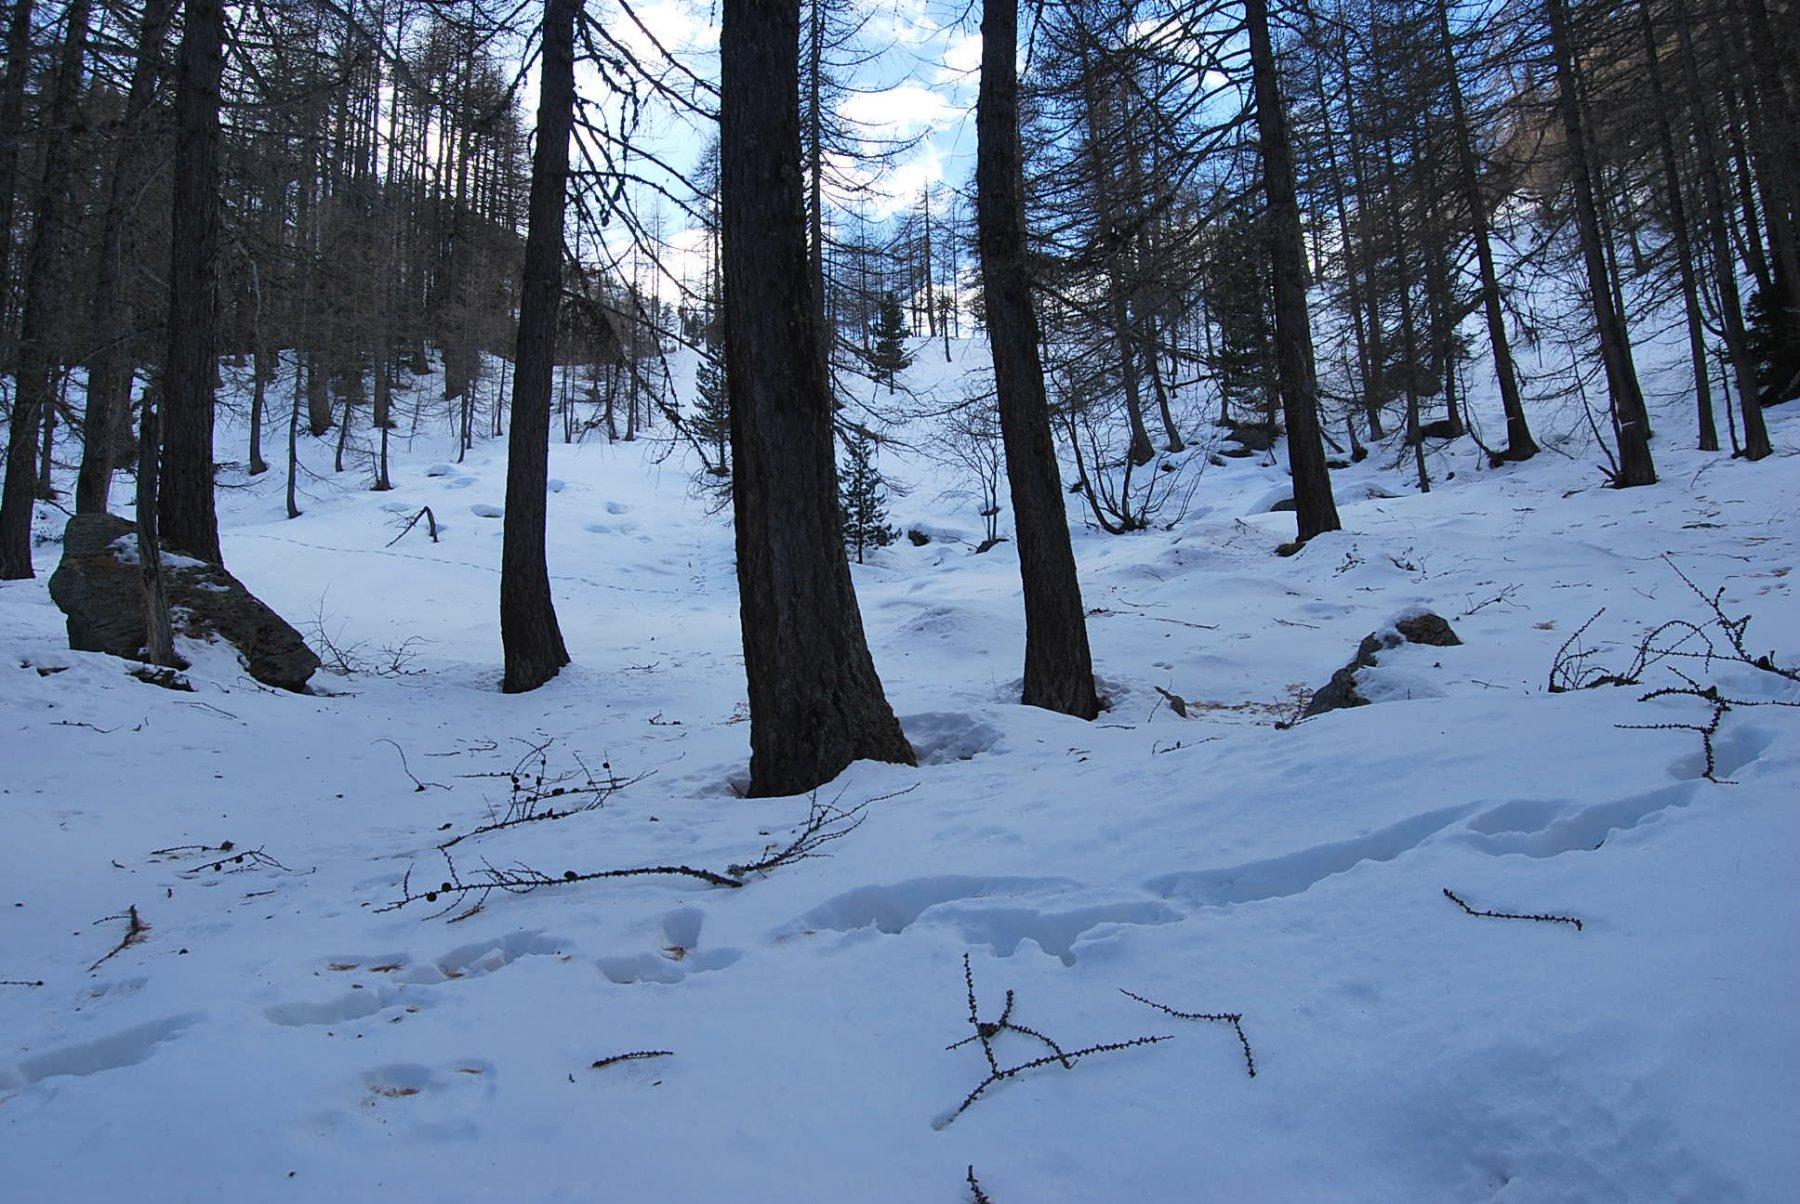 Il punto di ritorno, all'uscita dal bosco, dove la neve è alta ed il sentiero scompare. Gli alpeggi sono sul pianoro appena più avanti